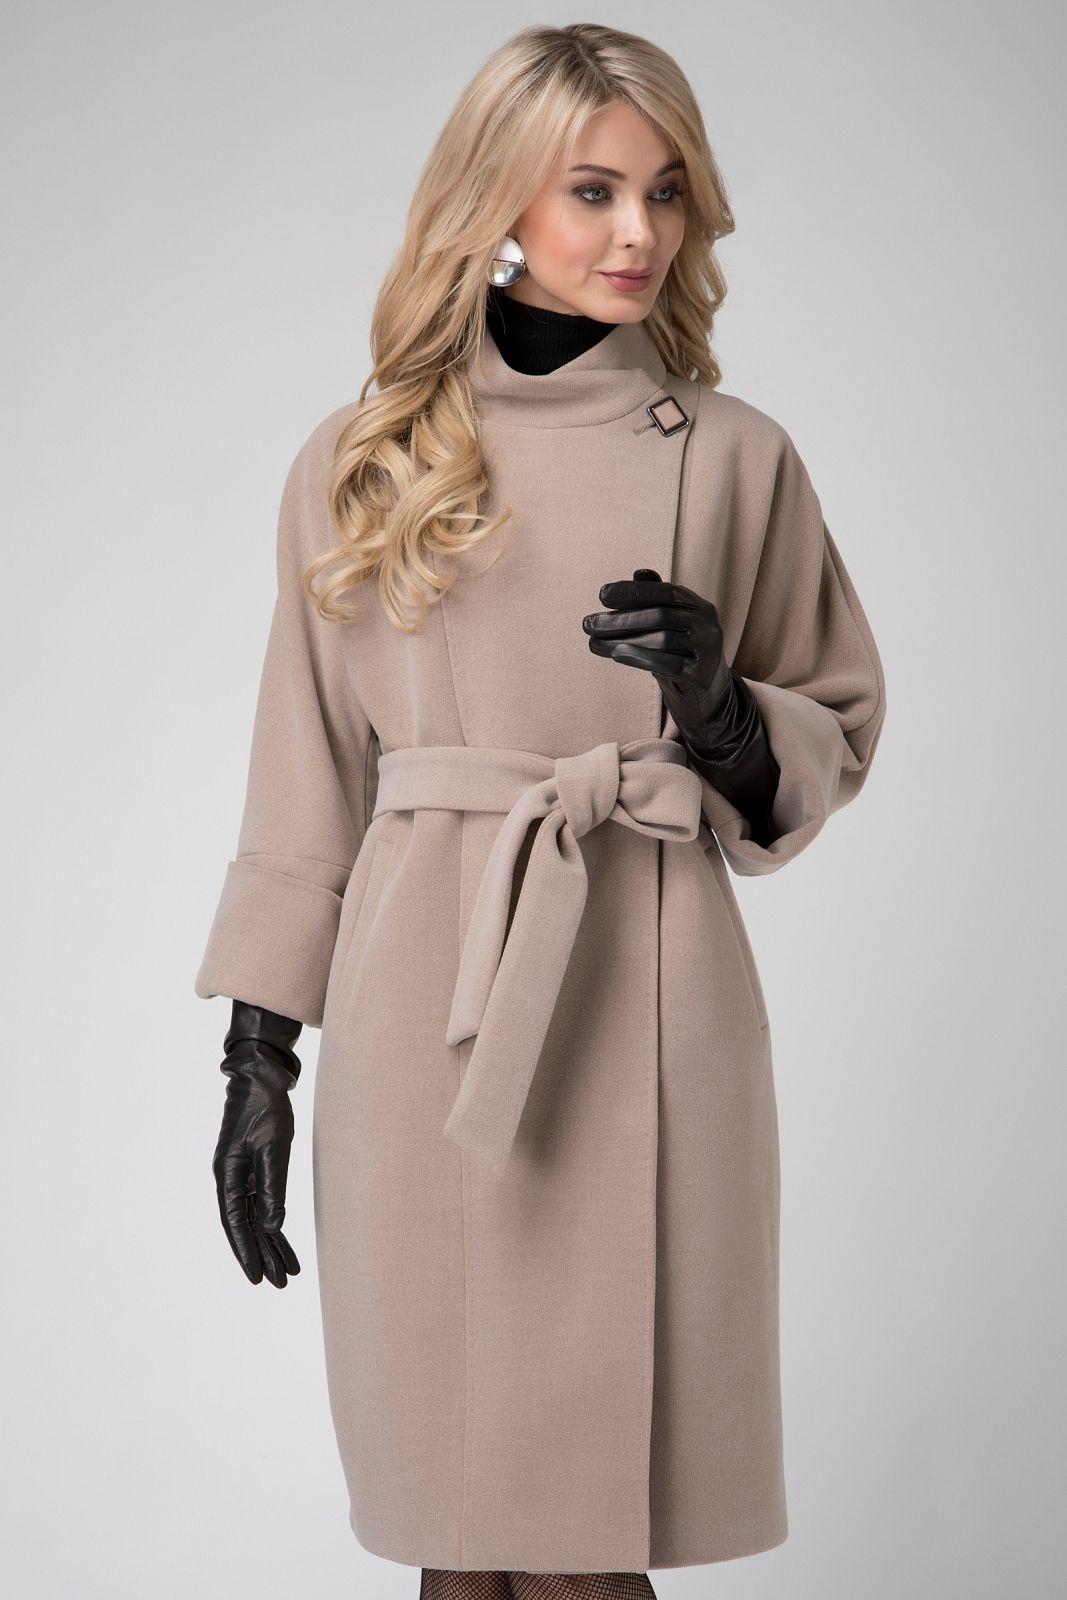 ddfa6e78a28 Коллекция Осень-зима 2017-2018. Каталог женской верхней одежды от  производителя